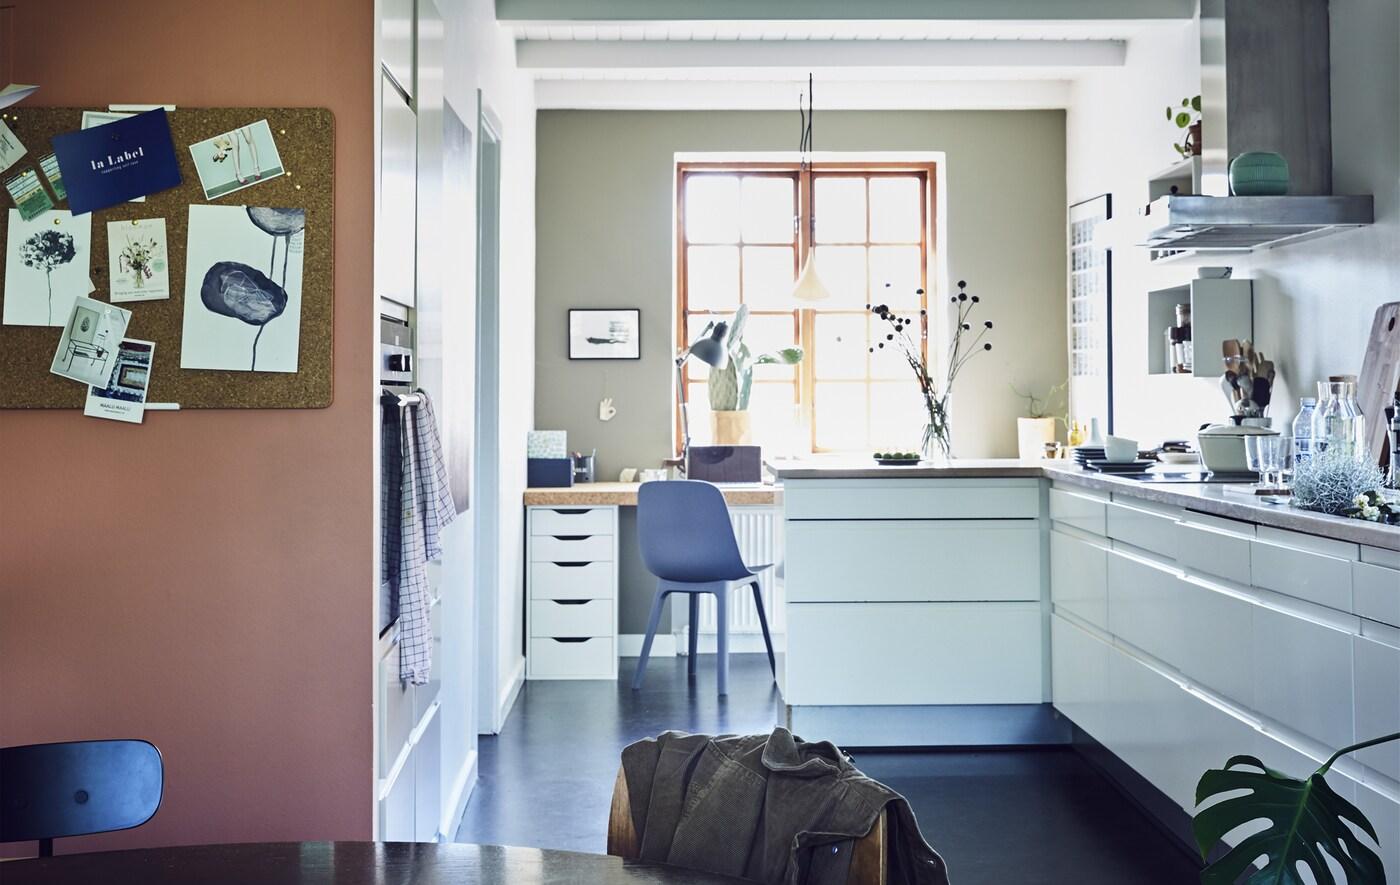 Uma cozinha e espaço de refeição em branco e em plano aberto.